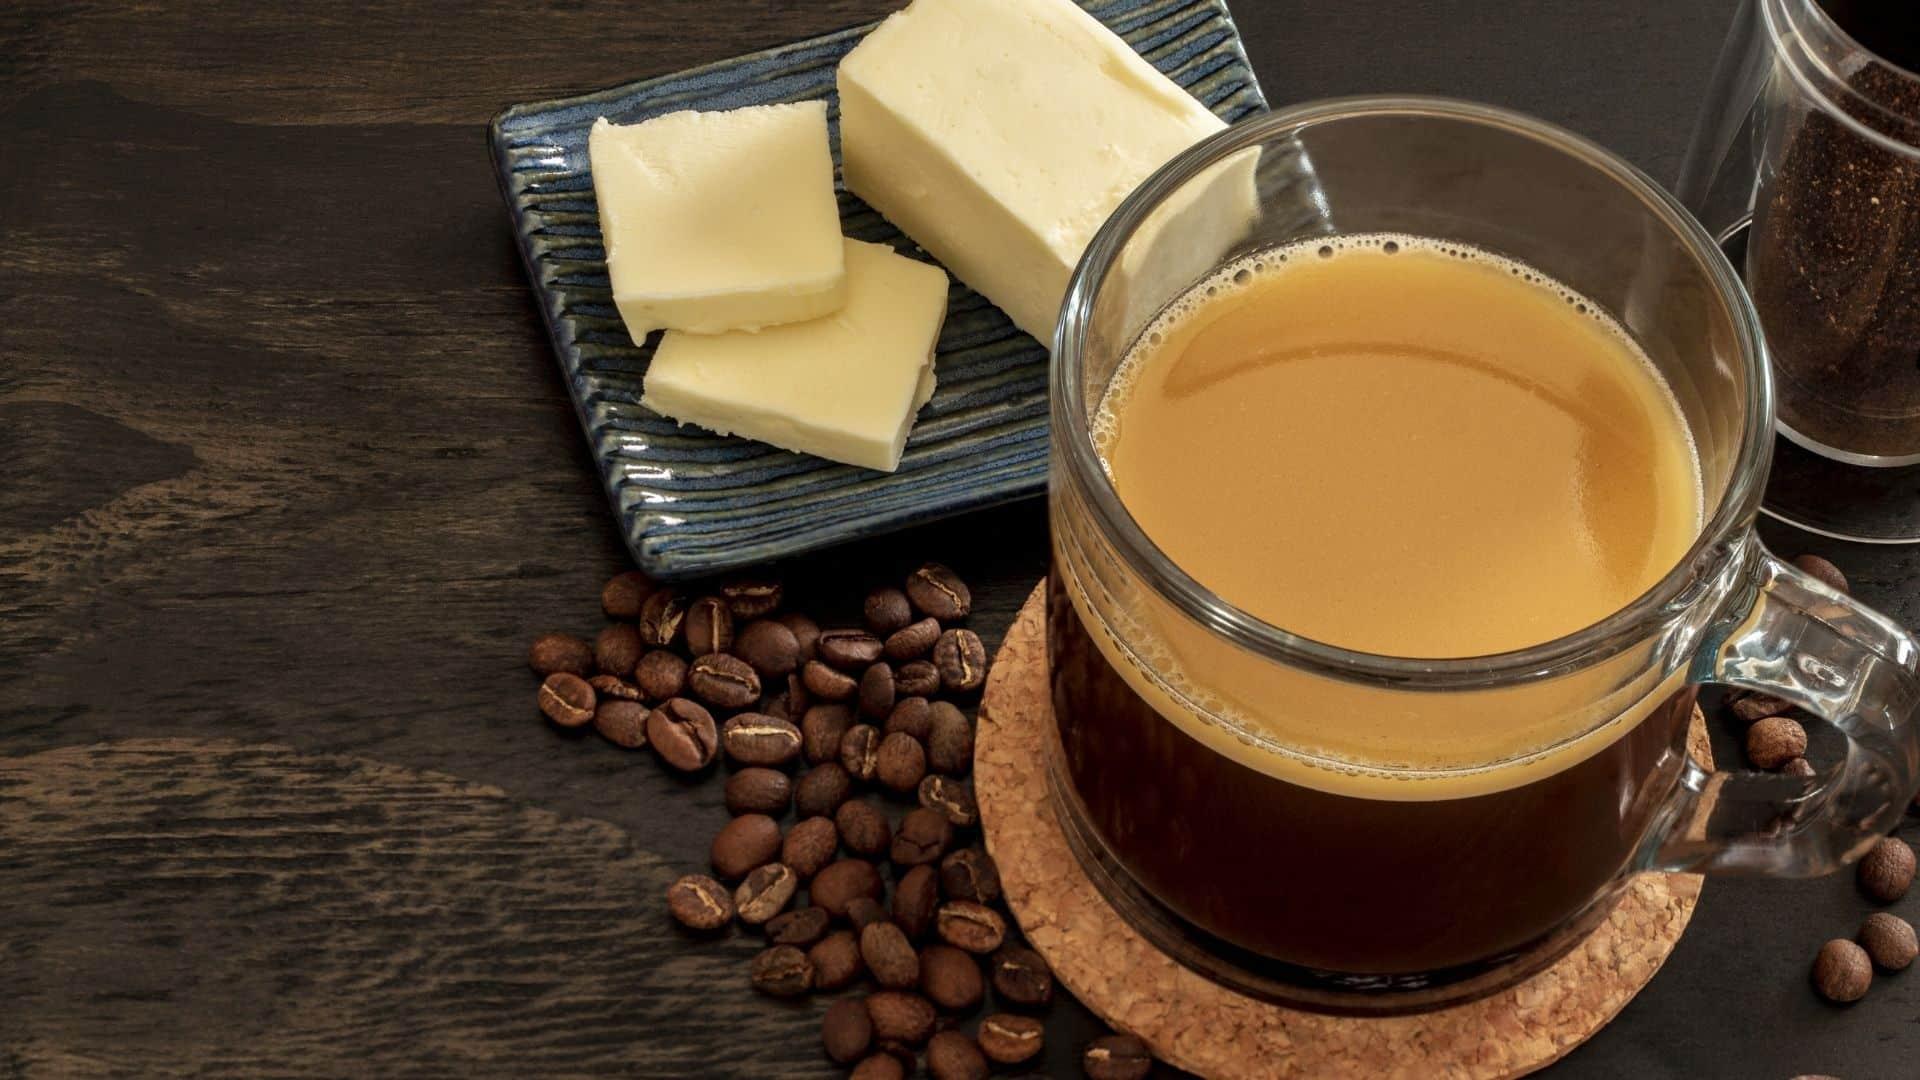 Nincs finomabb módszer a reggeli gyors megtörésére, mint egy finom csésze vajjal és MCT olajjal ellátott keto kávéval. Töltse ki az éhséget, és élvezze a megnövekedett energiát és szellemi összpontosítást minden finom csésze vaj kávéval. Olvassa el, és fedezze fel, hogy a zsíros kávé fogyasztása hogyan támogathatja az alacsony szénhidráttartalmú keto kávé étrendet. Megteszi, amit ígér? IGEN!